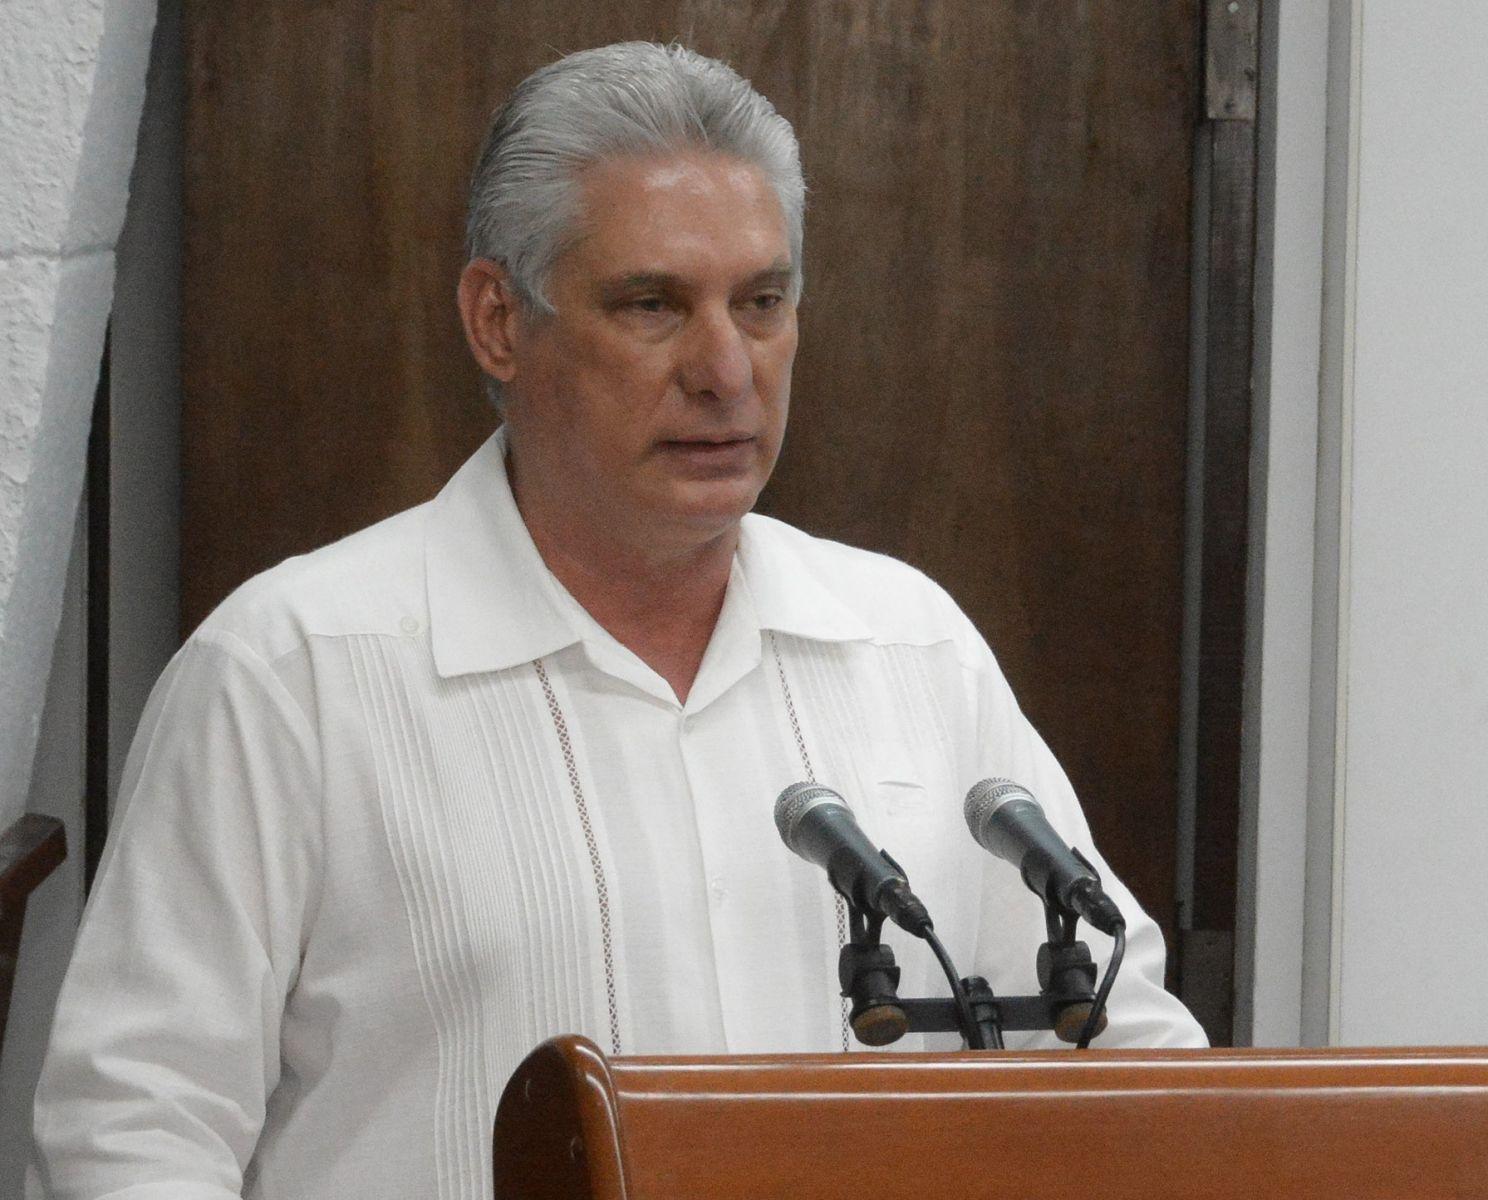 Anuncia Gobierno cubano medidas para fortalecer nuestra economía (+Audio y Video)